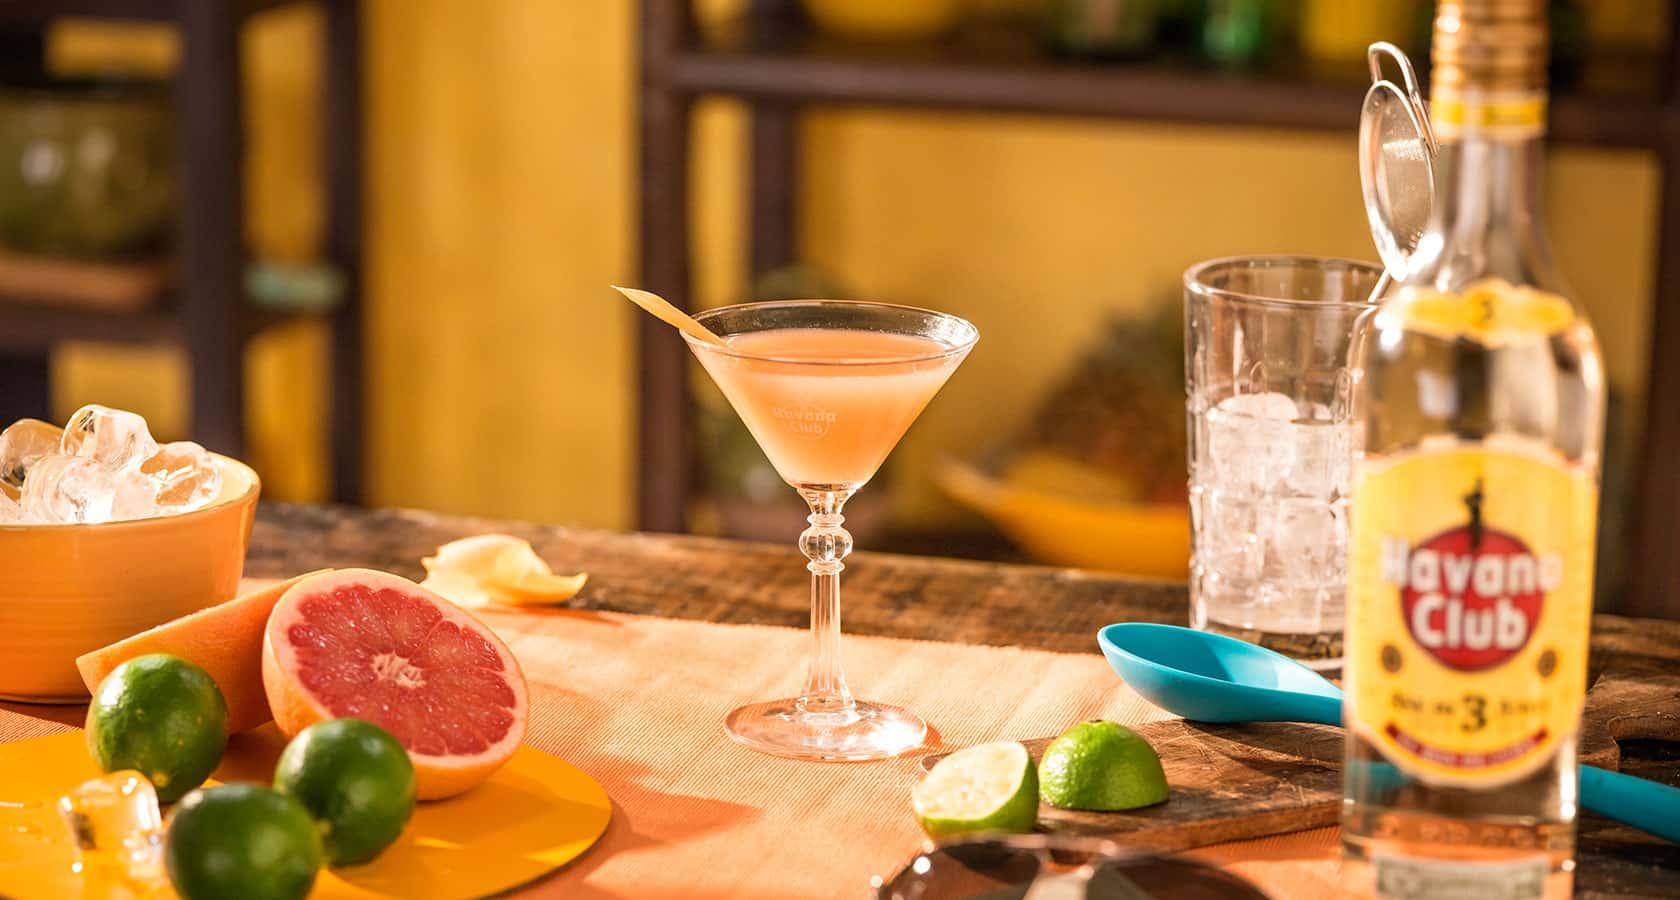 Hemingway Daiquiri Recipe - Rum cocktails - Havana Club